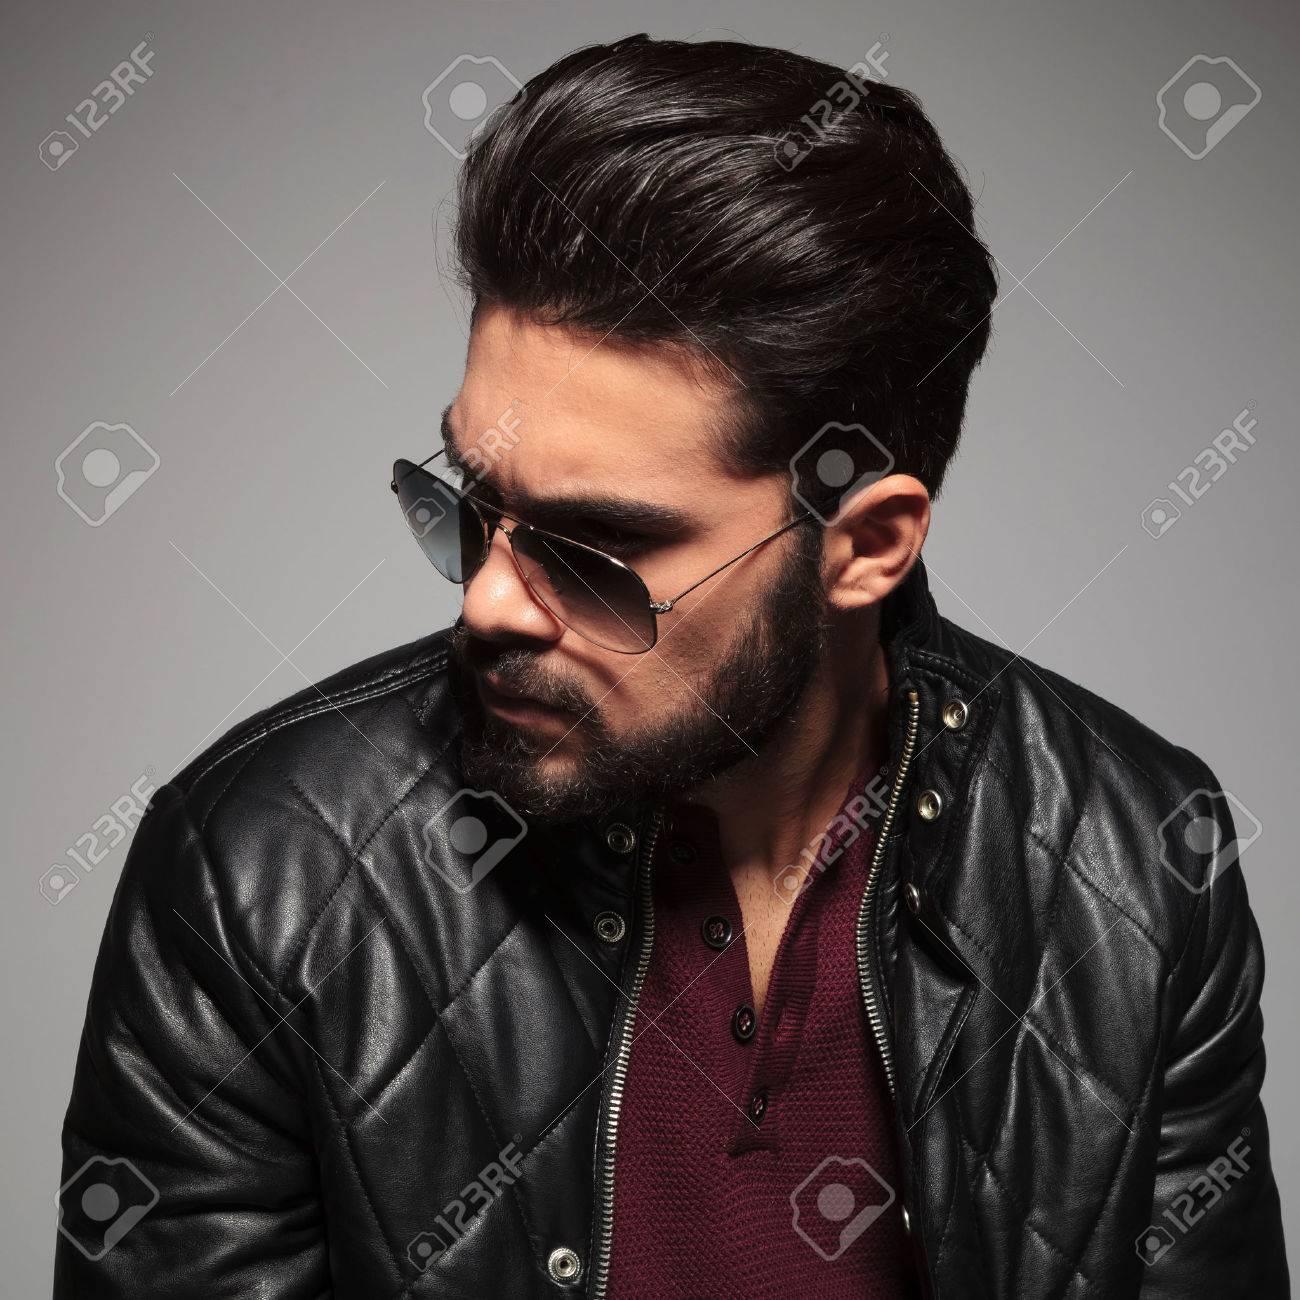 De Un Gafas Con Hombre Y Chaqueta Perfil Que Joven Cuero Sol P0Xnwk8O